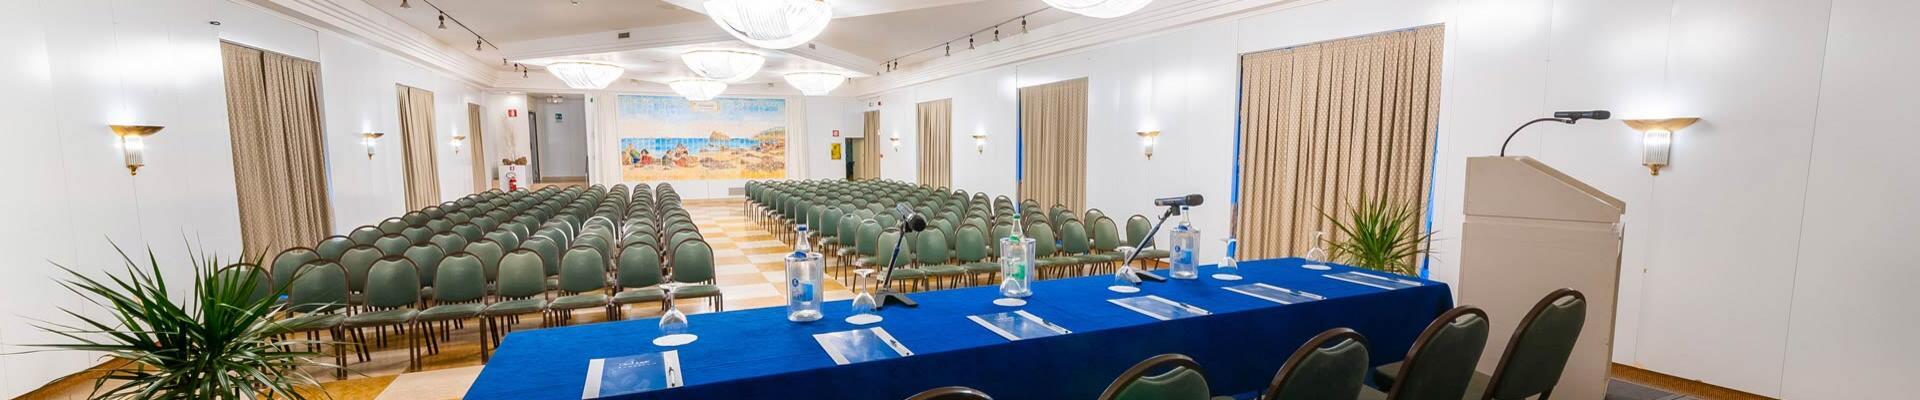 hotelreferdinandoischia en meetings 004